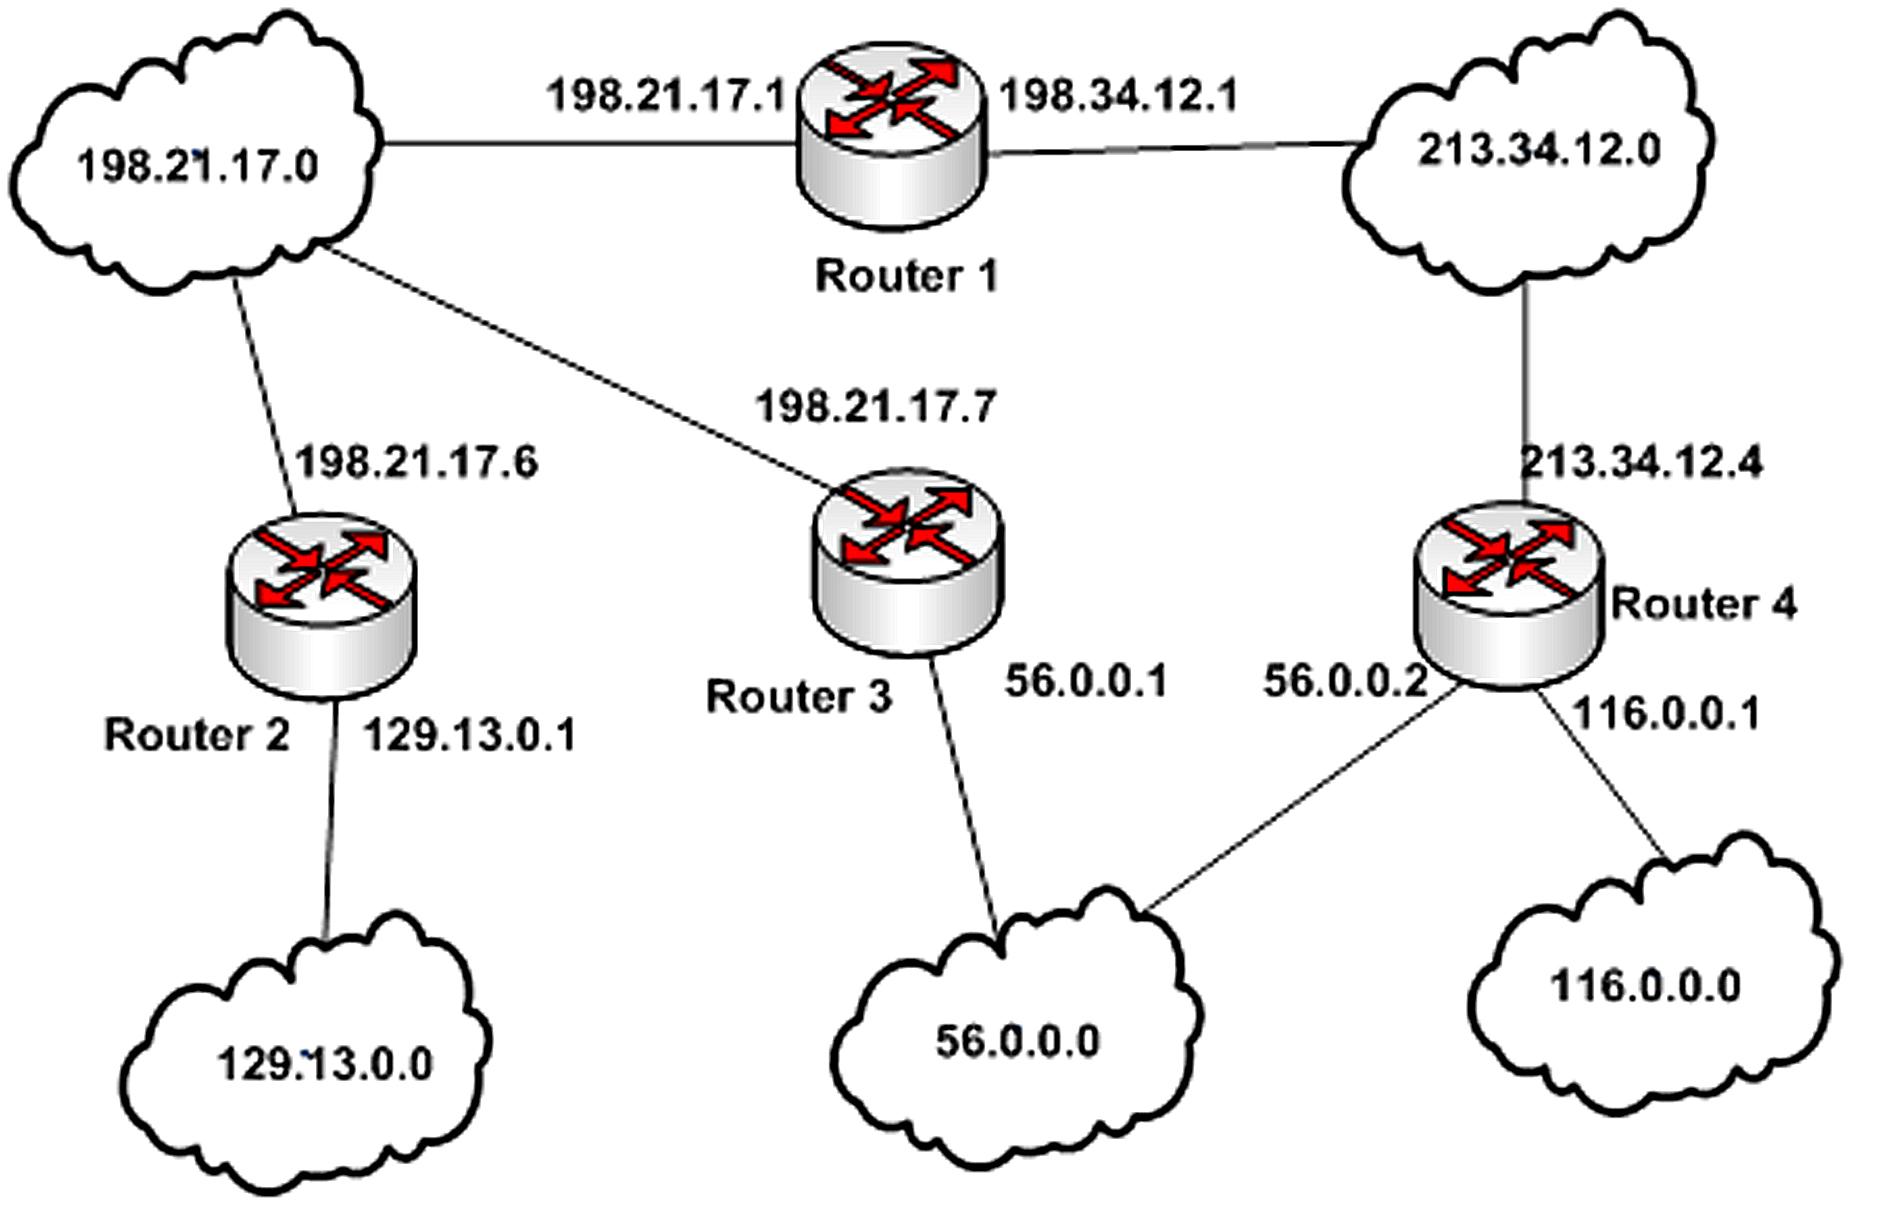 схема сетей с коммутацией каналов